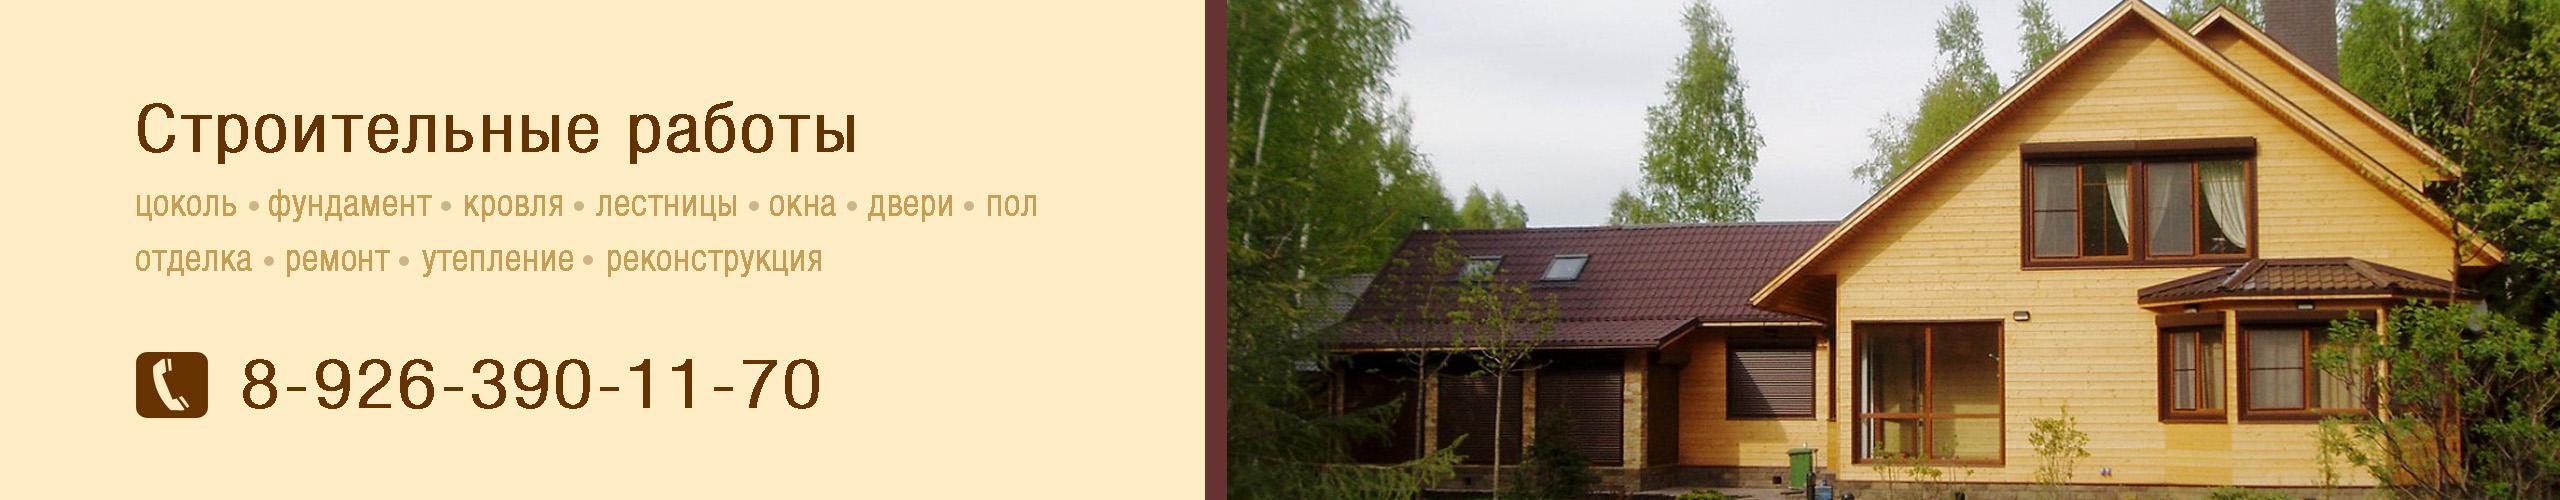 Реконструкция и ремонт дачных домов, сантехника, электрика